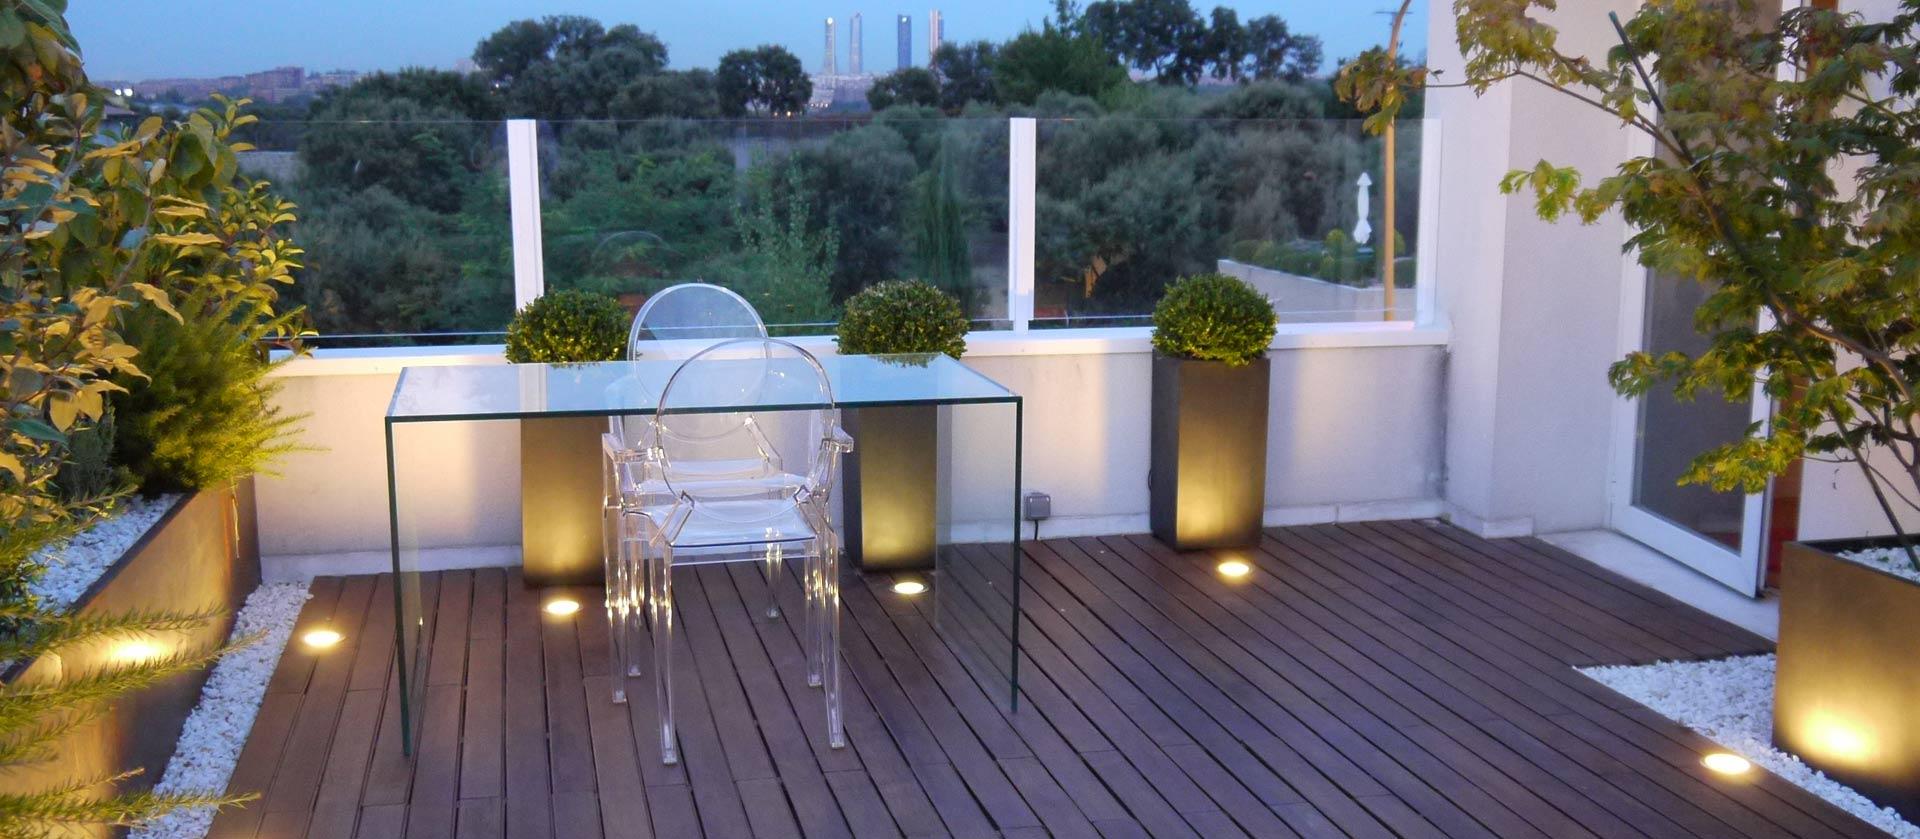 Paisajismo pia el mejor dise o de ticos y terrazas - Diseno de terraza ...